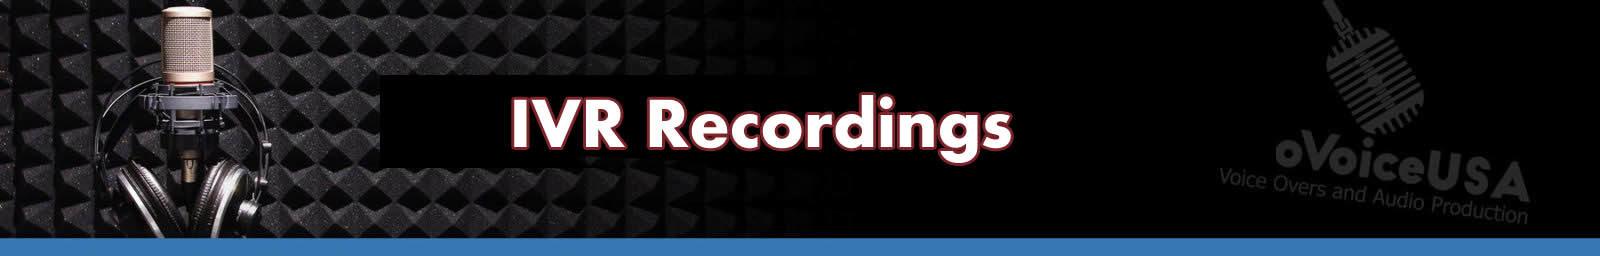 IVR Recordings Header